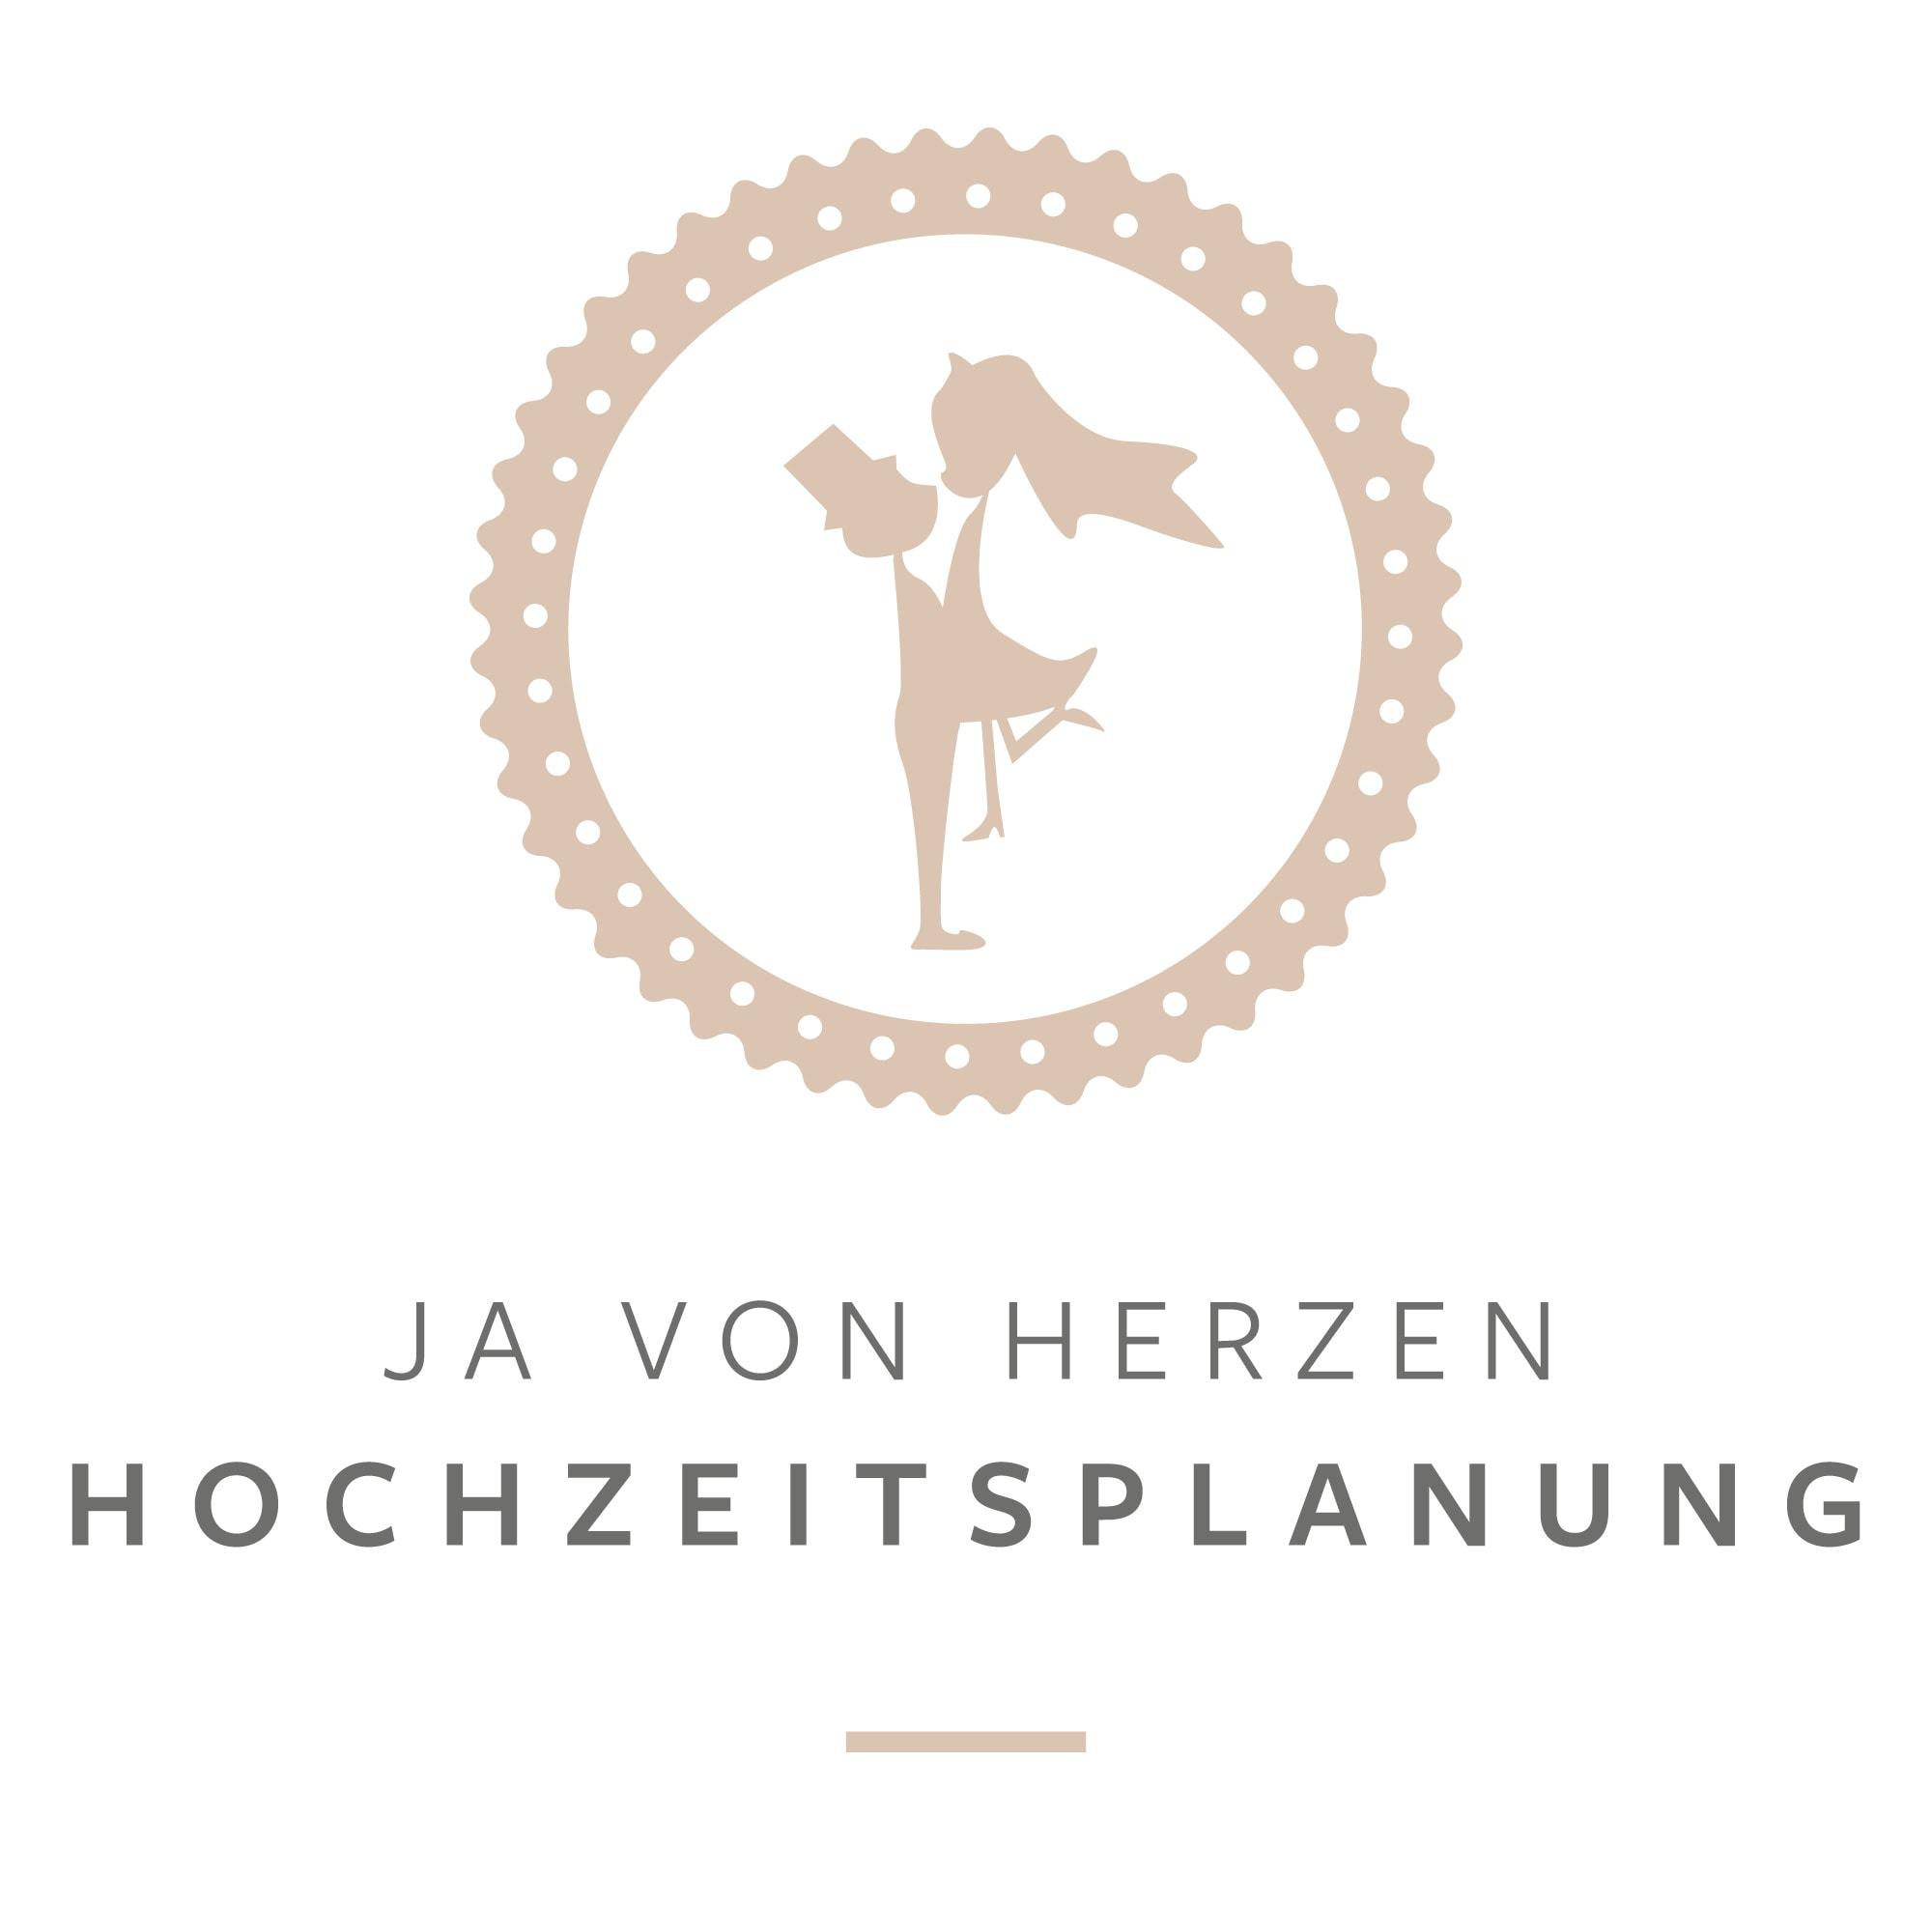 Logo Ja von Herzen Hochzeitsplanung